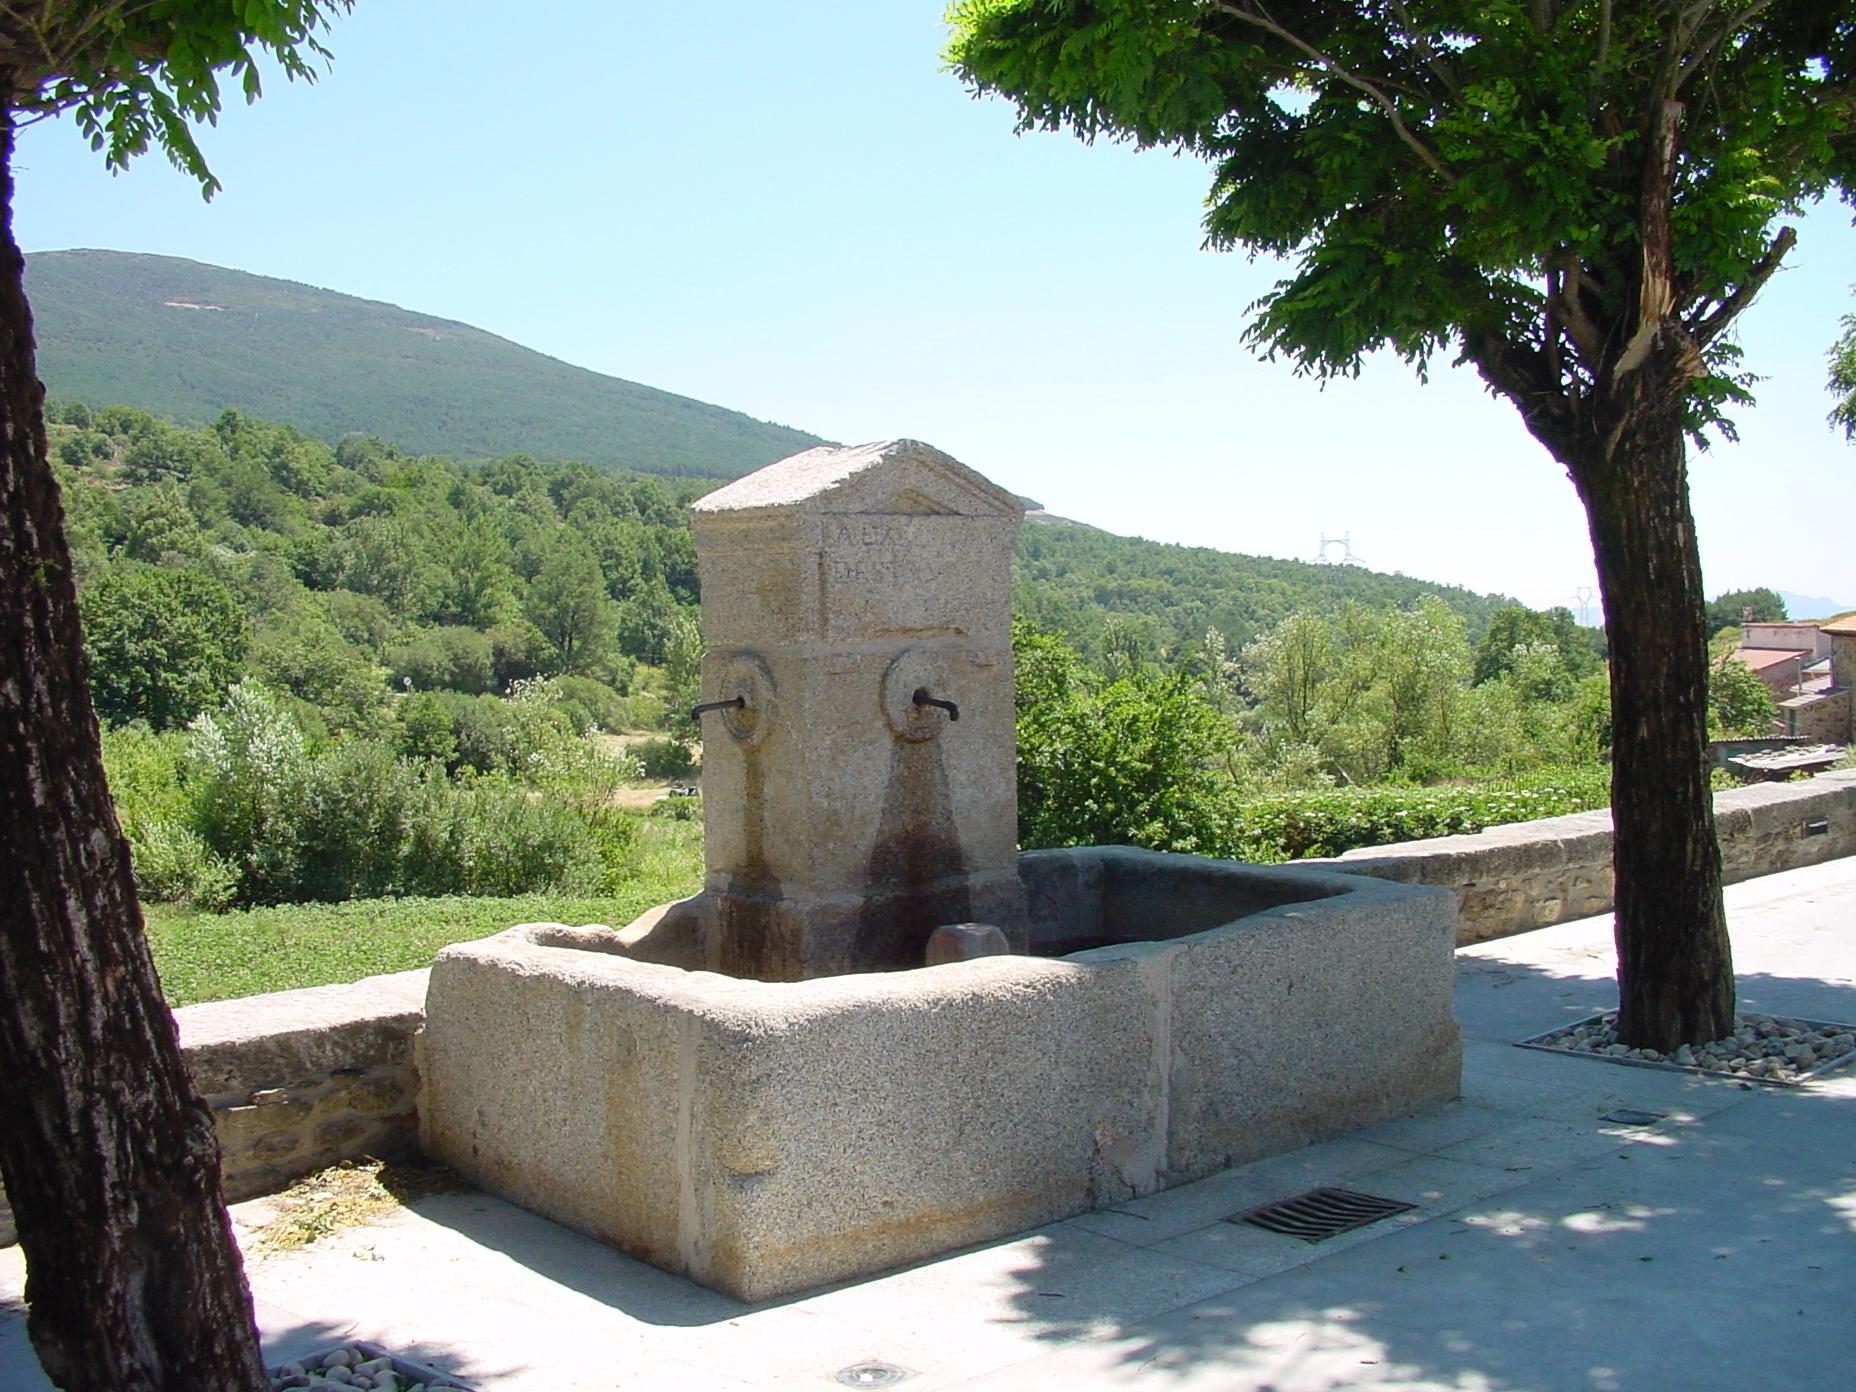 Fuente de piedra en Somosierra